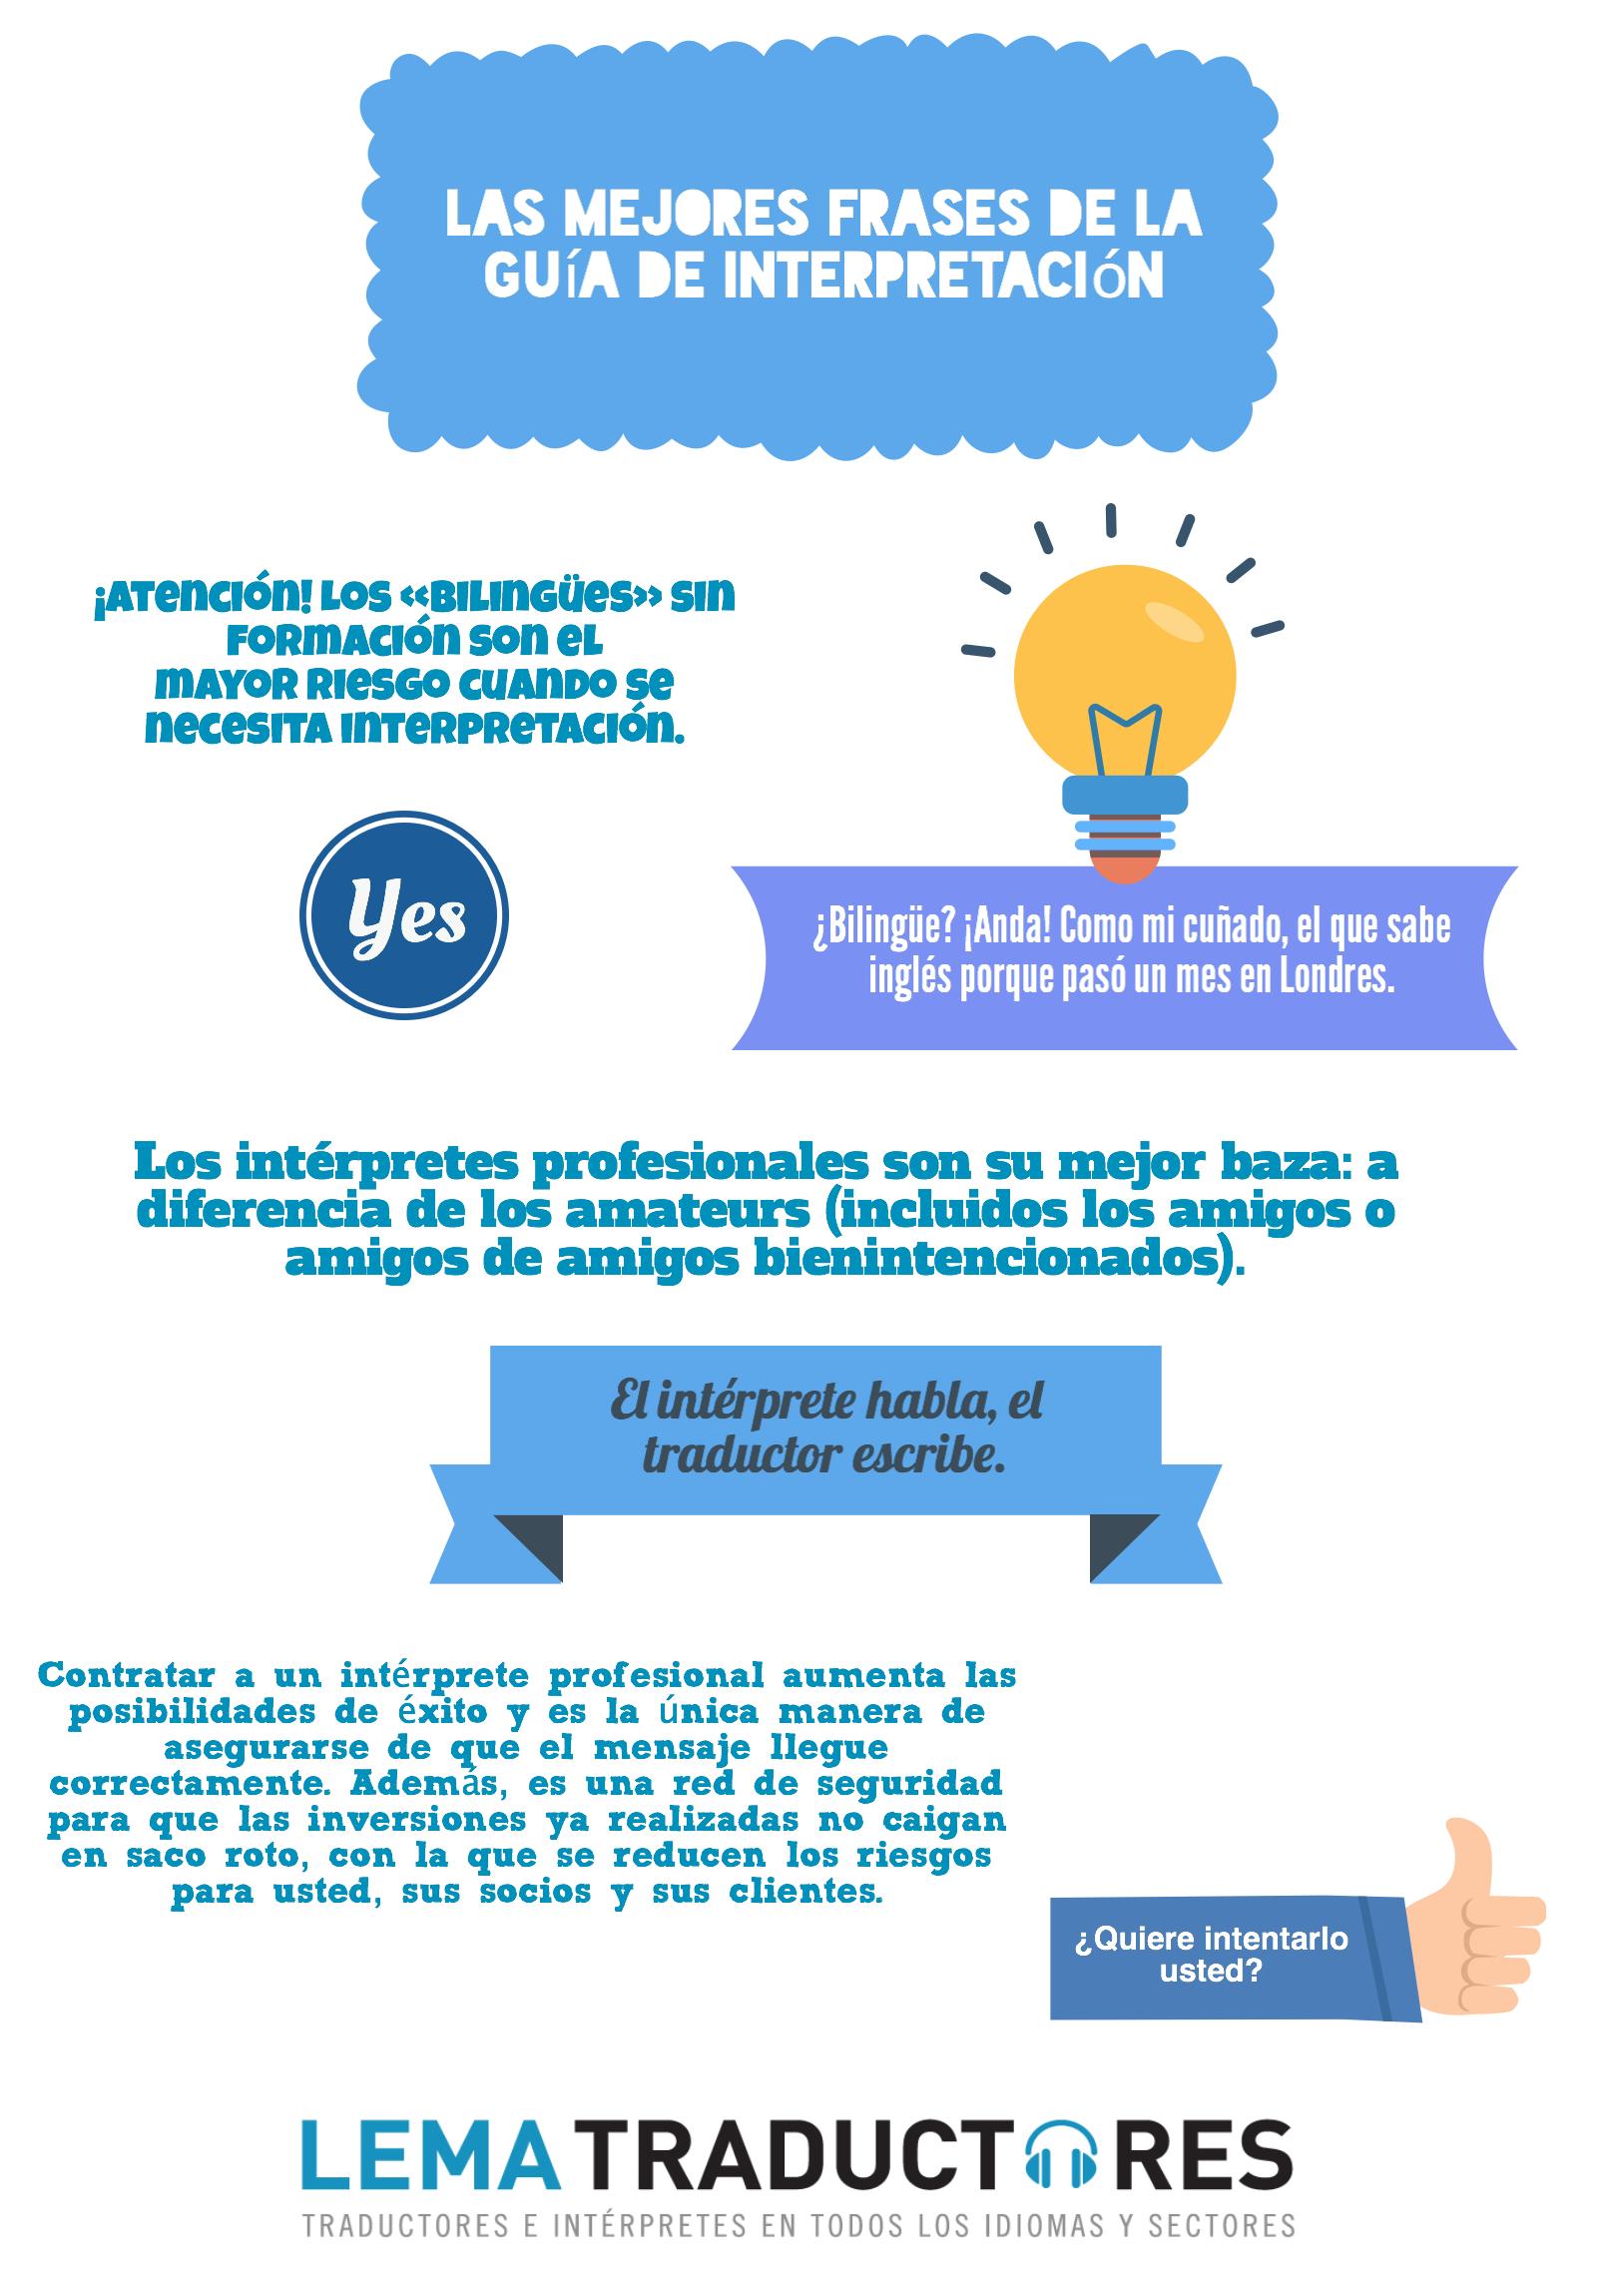 Las 6 Mejores Frases De La Guía De Interpretación Lema